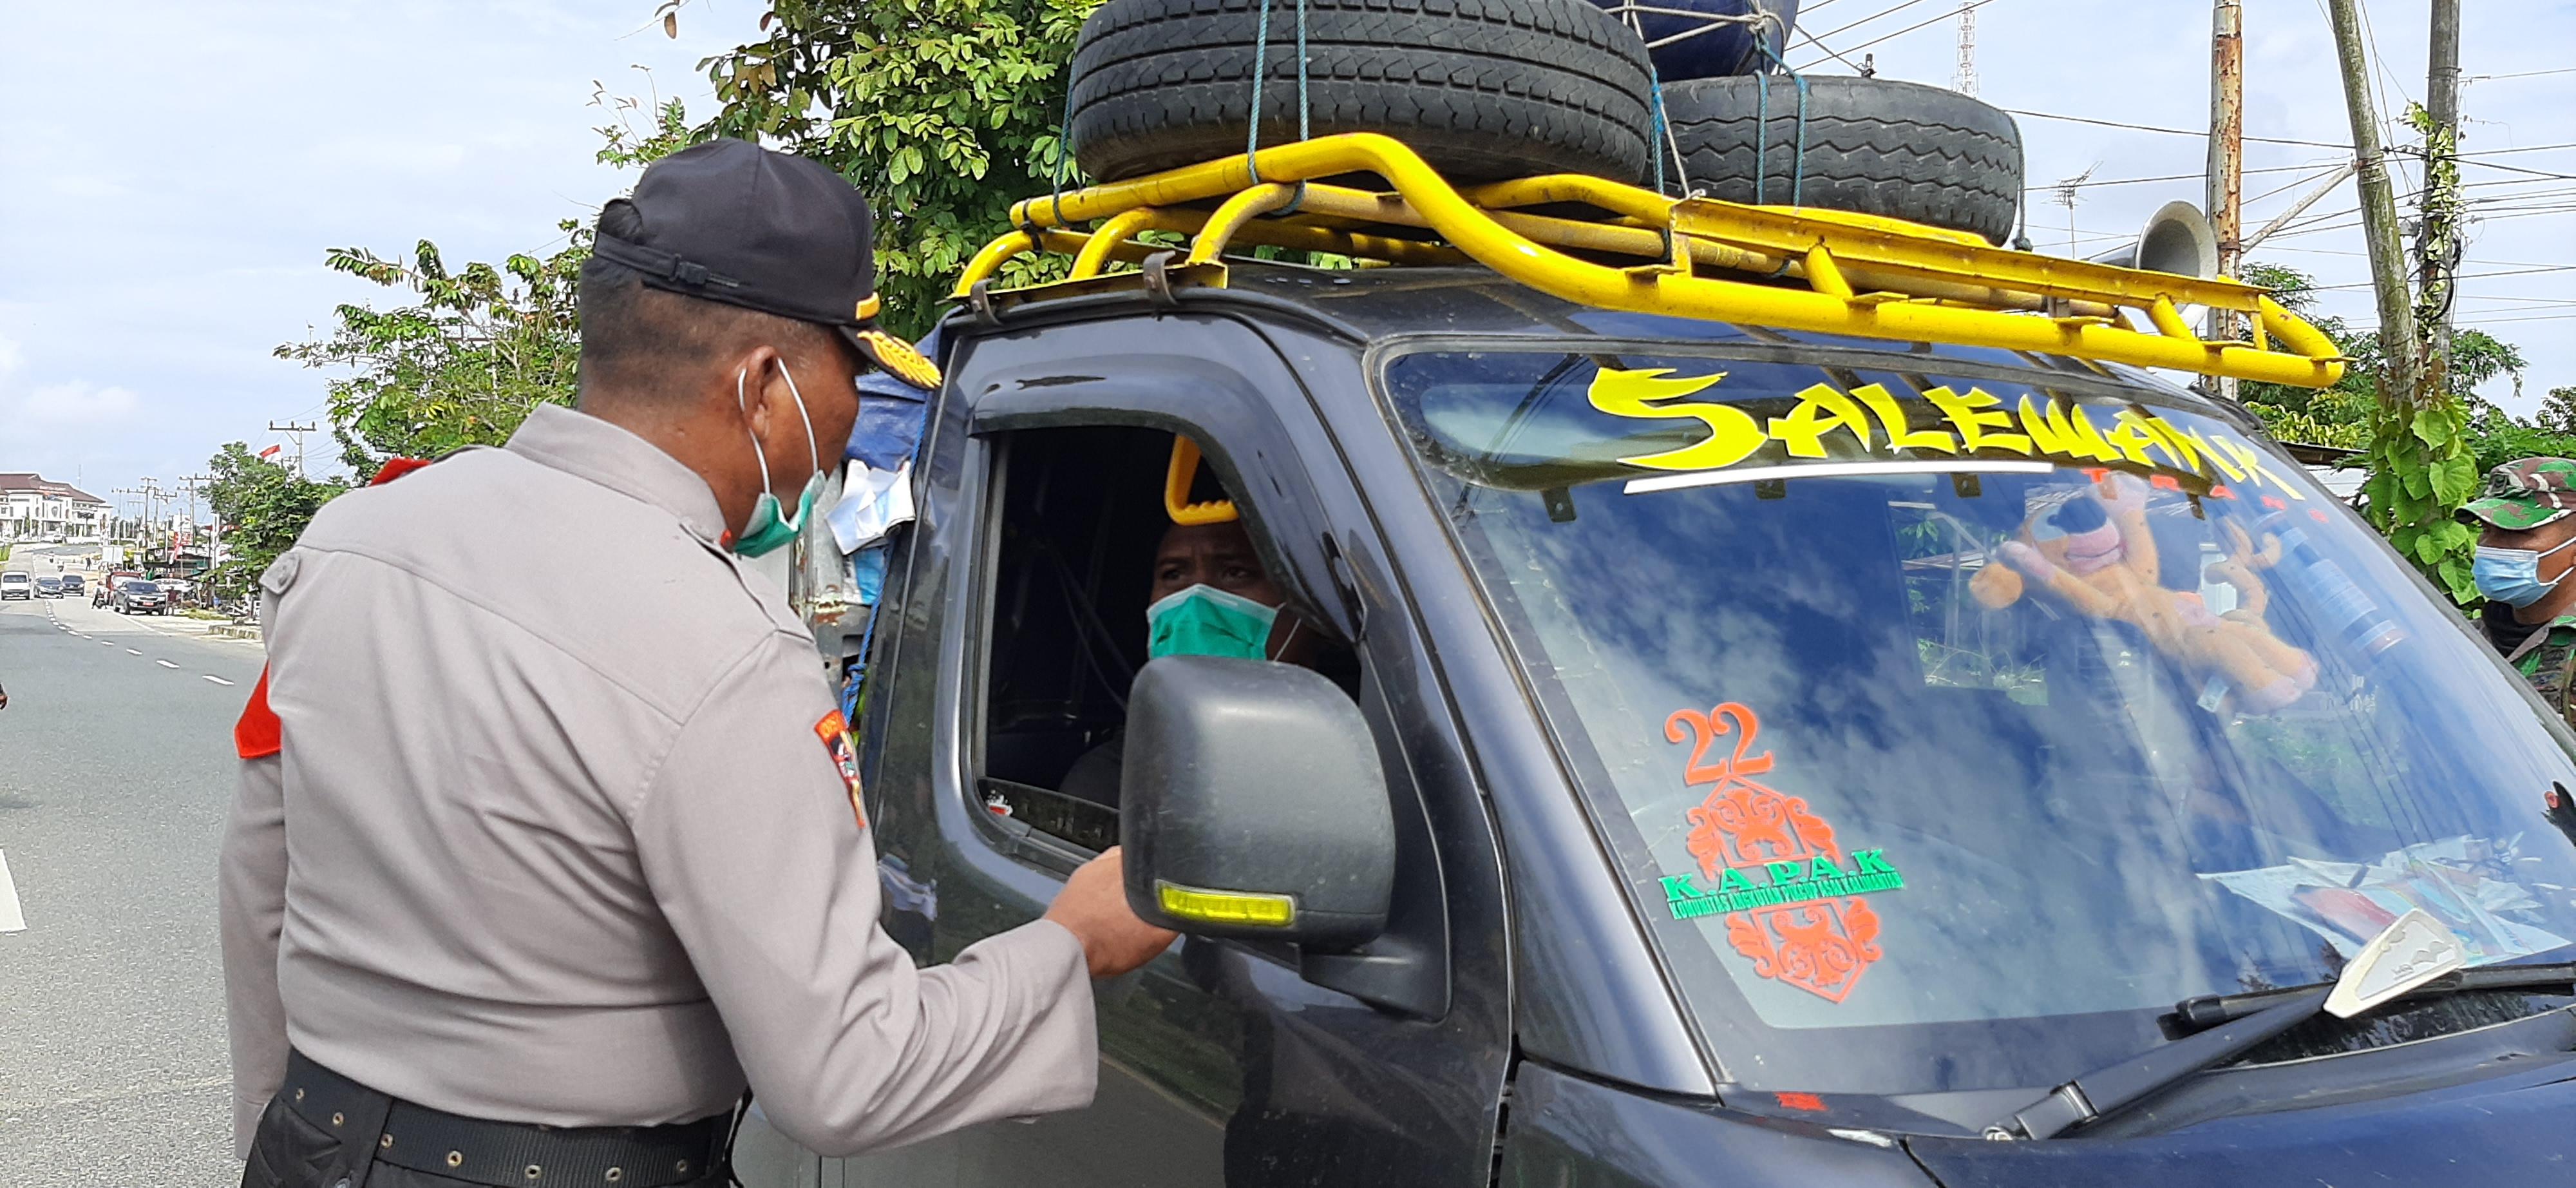 Gabungan TNI-Polri, Bagikan 1000 Masker dan Ingatkan Warga Penting Protokol Kesehatan